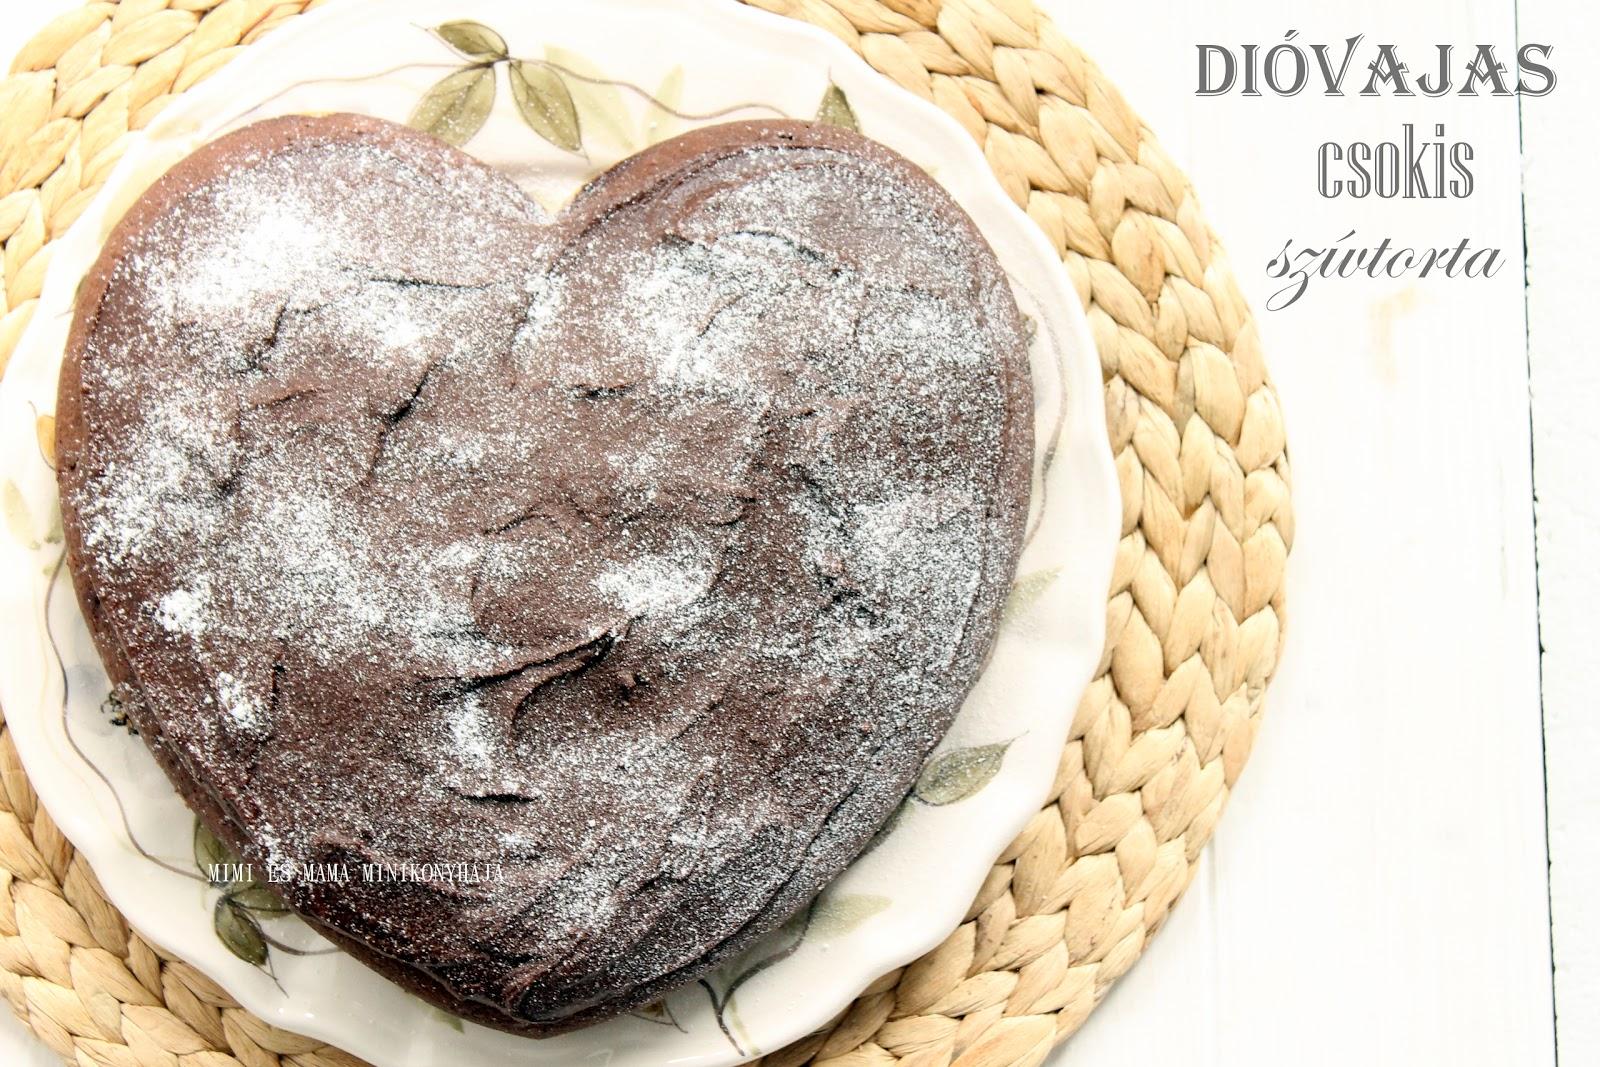 Dióvajas - diókrémes csokis szívtorta Valentin-napra